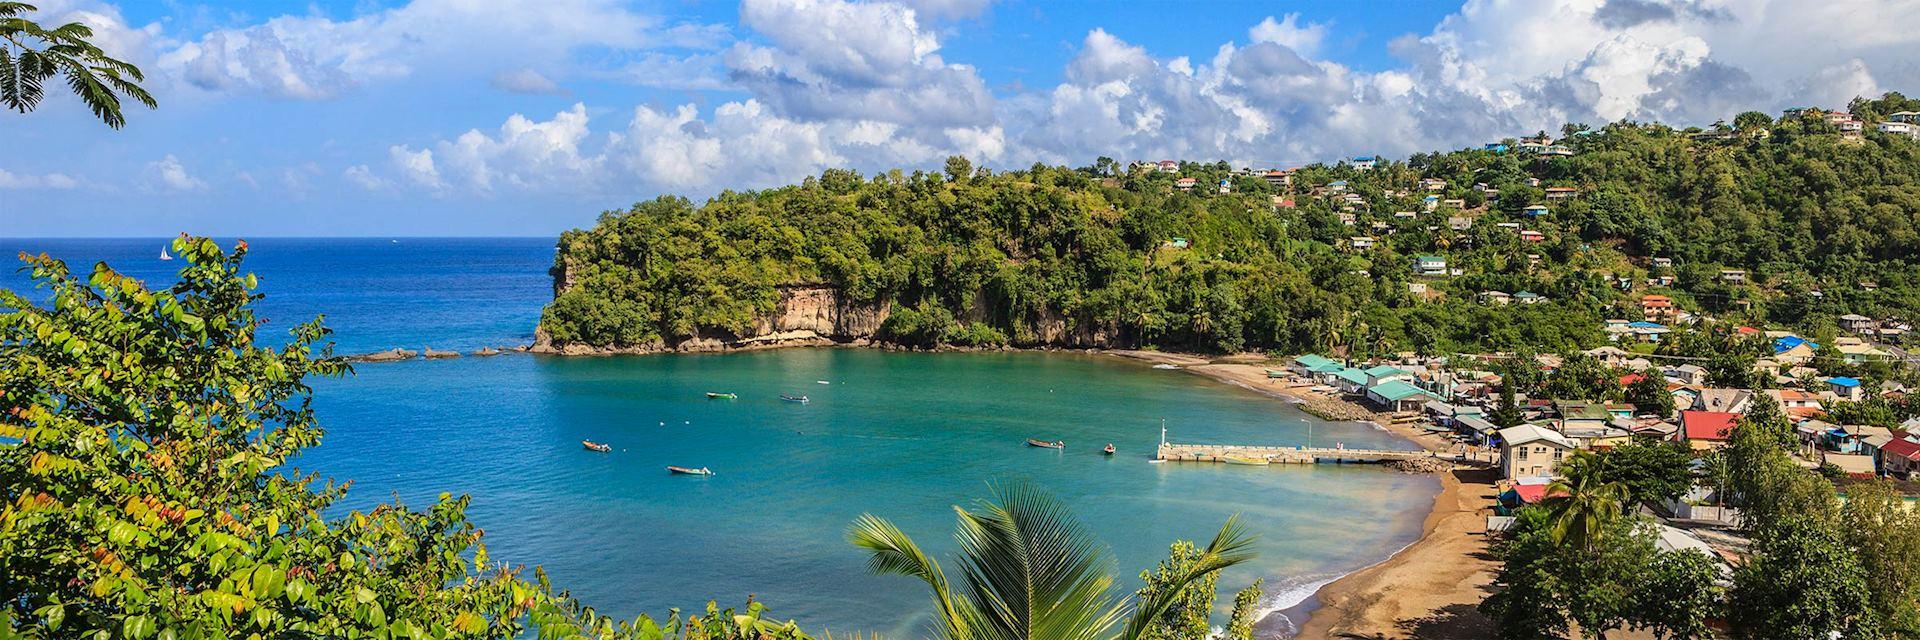 Beach at Anse La Raye